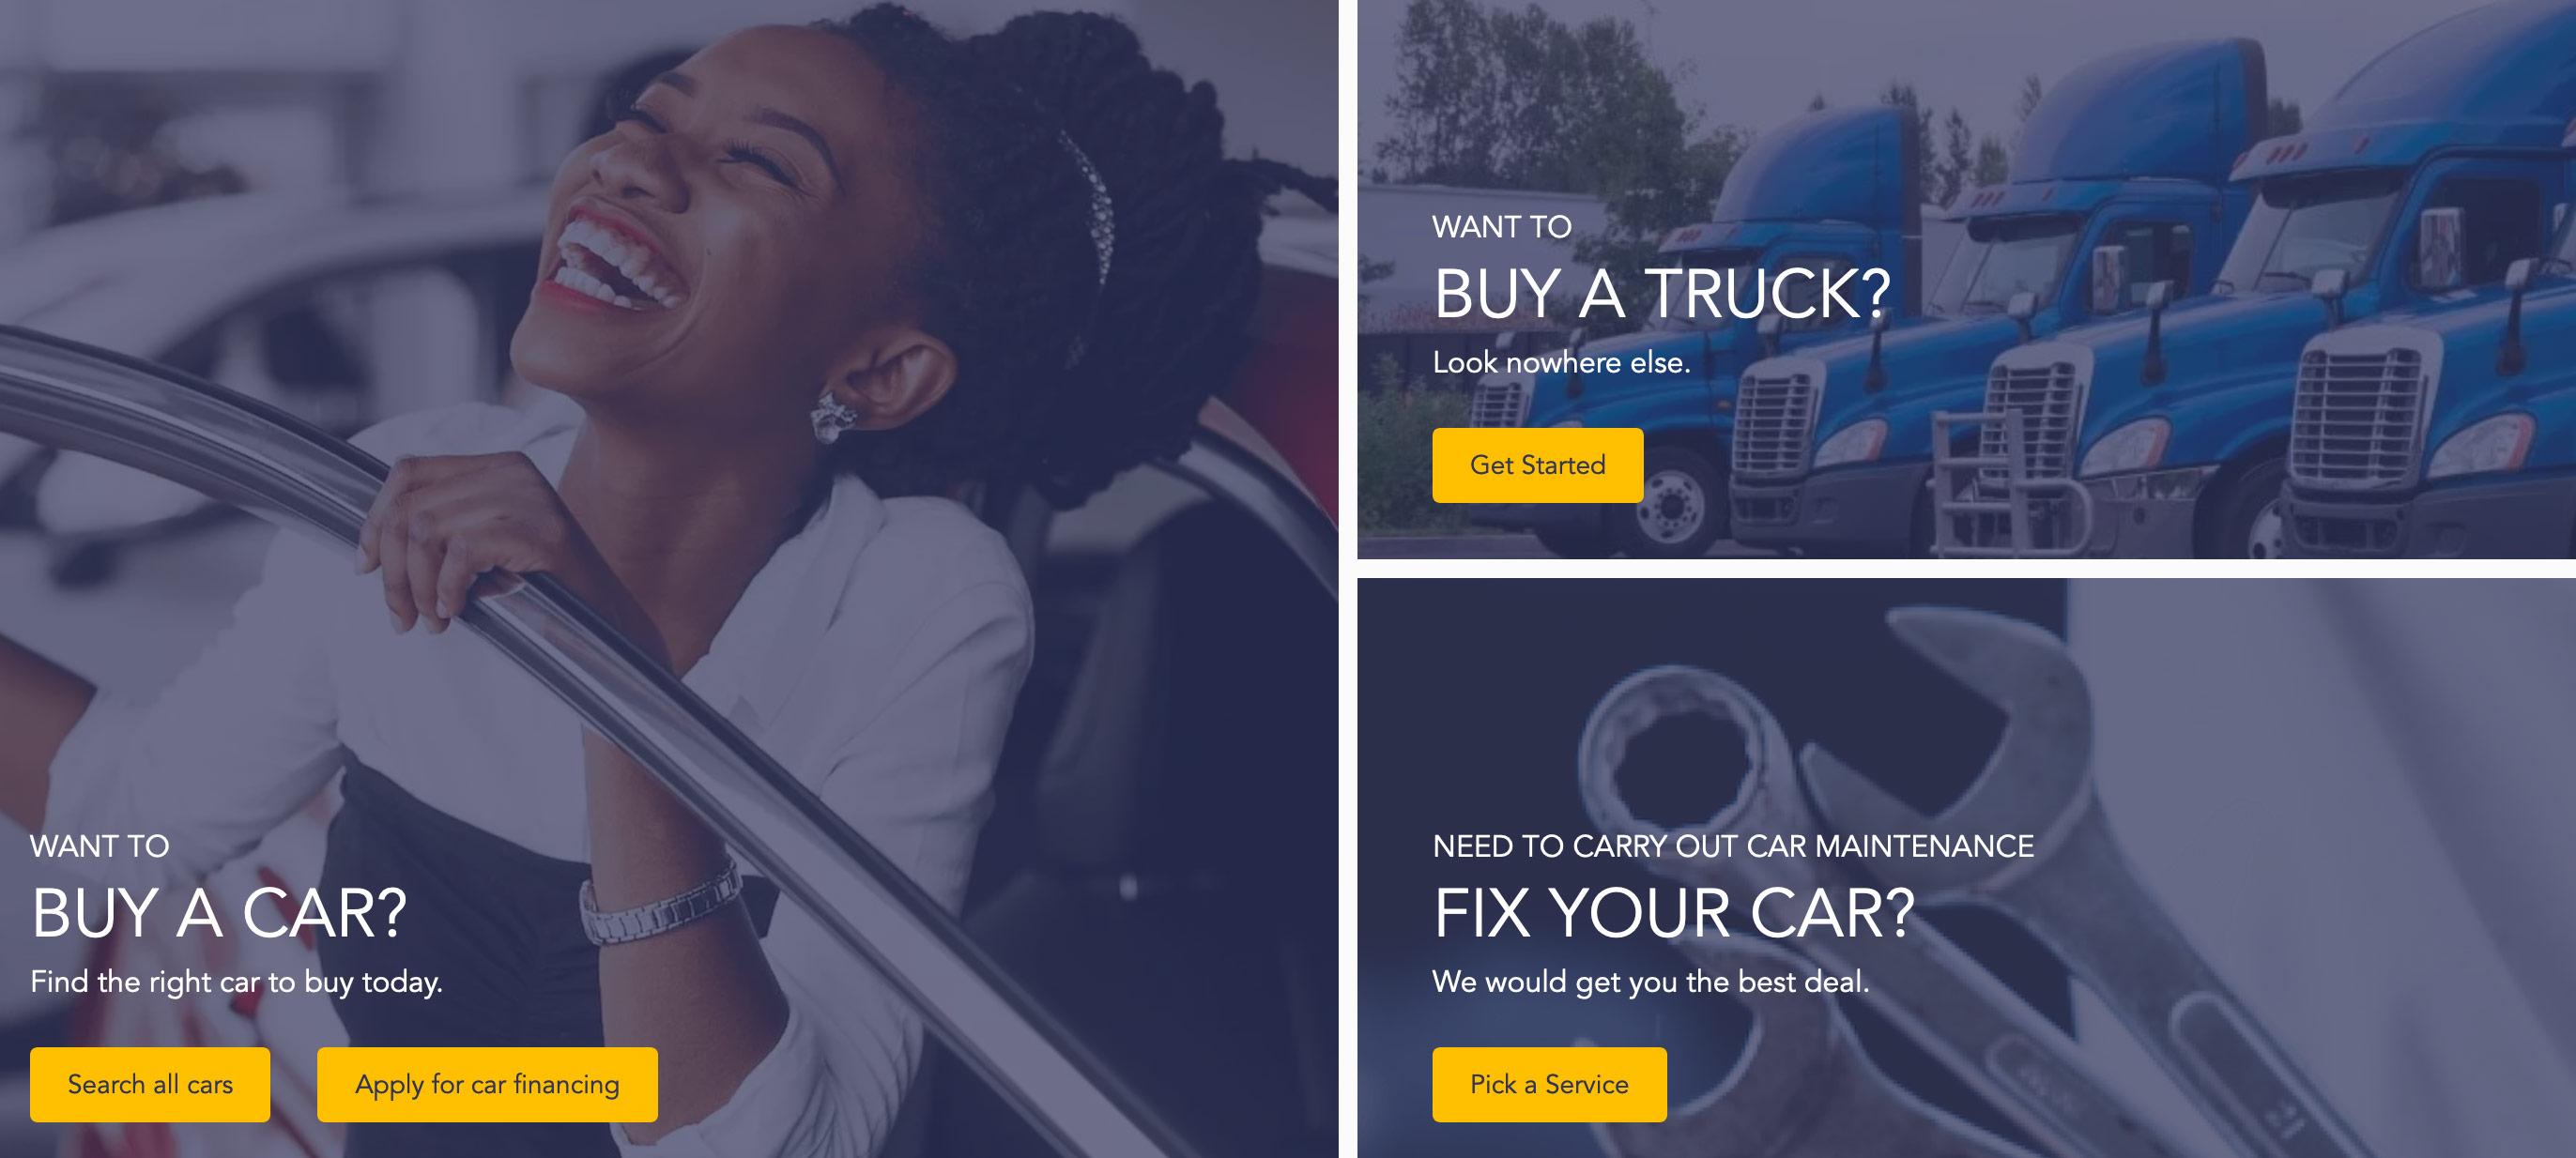 Autochek - Top Nigerian Startups